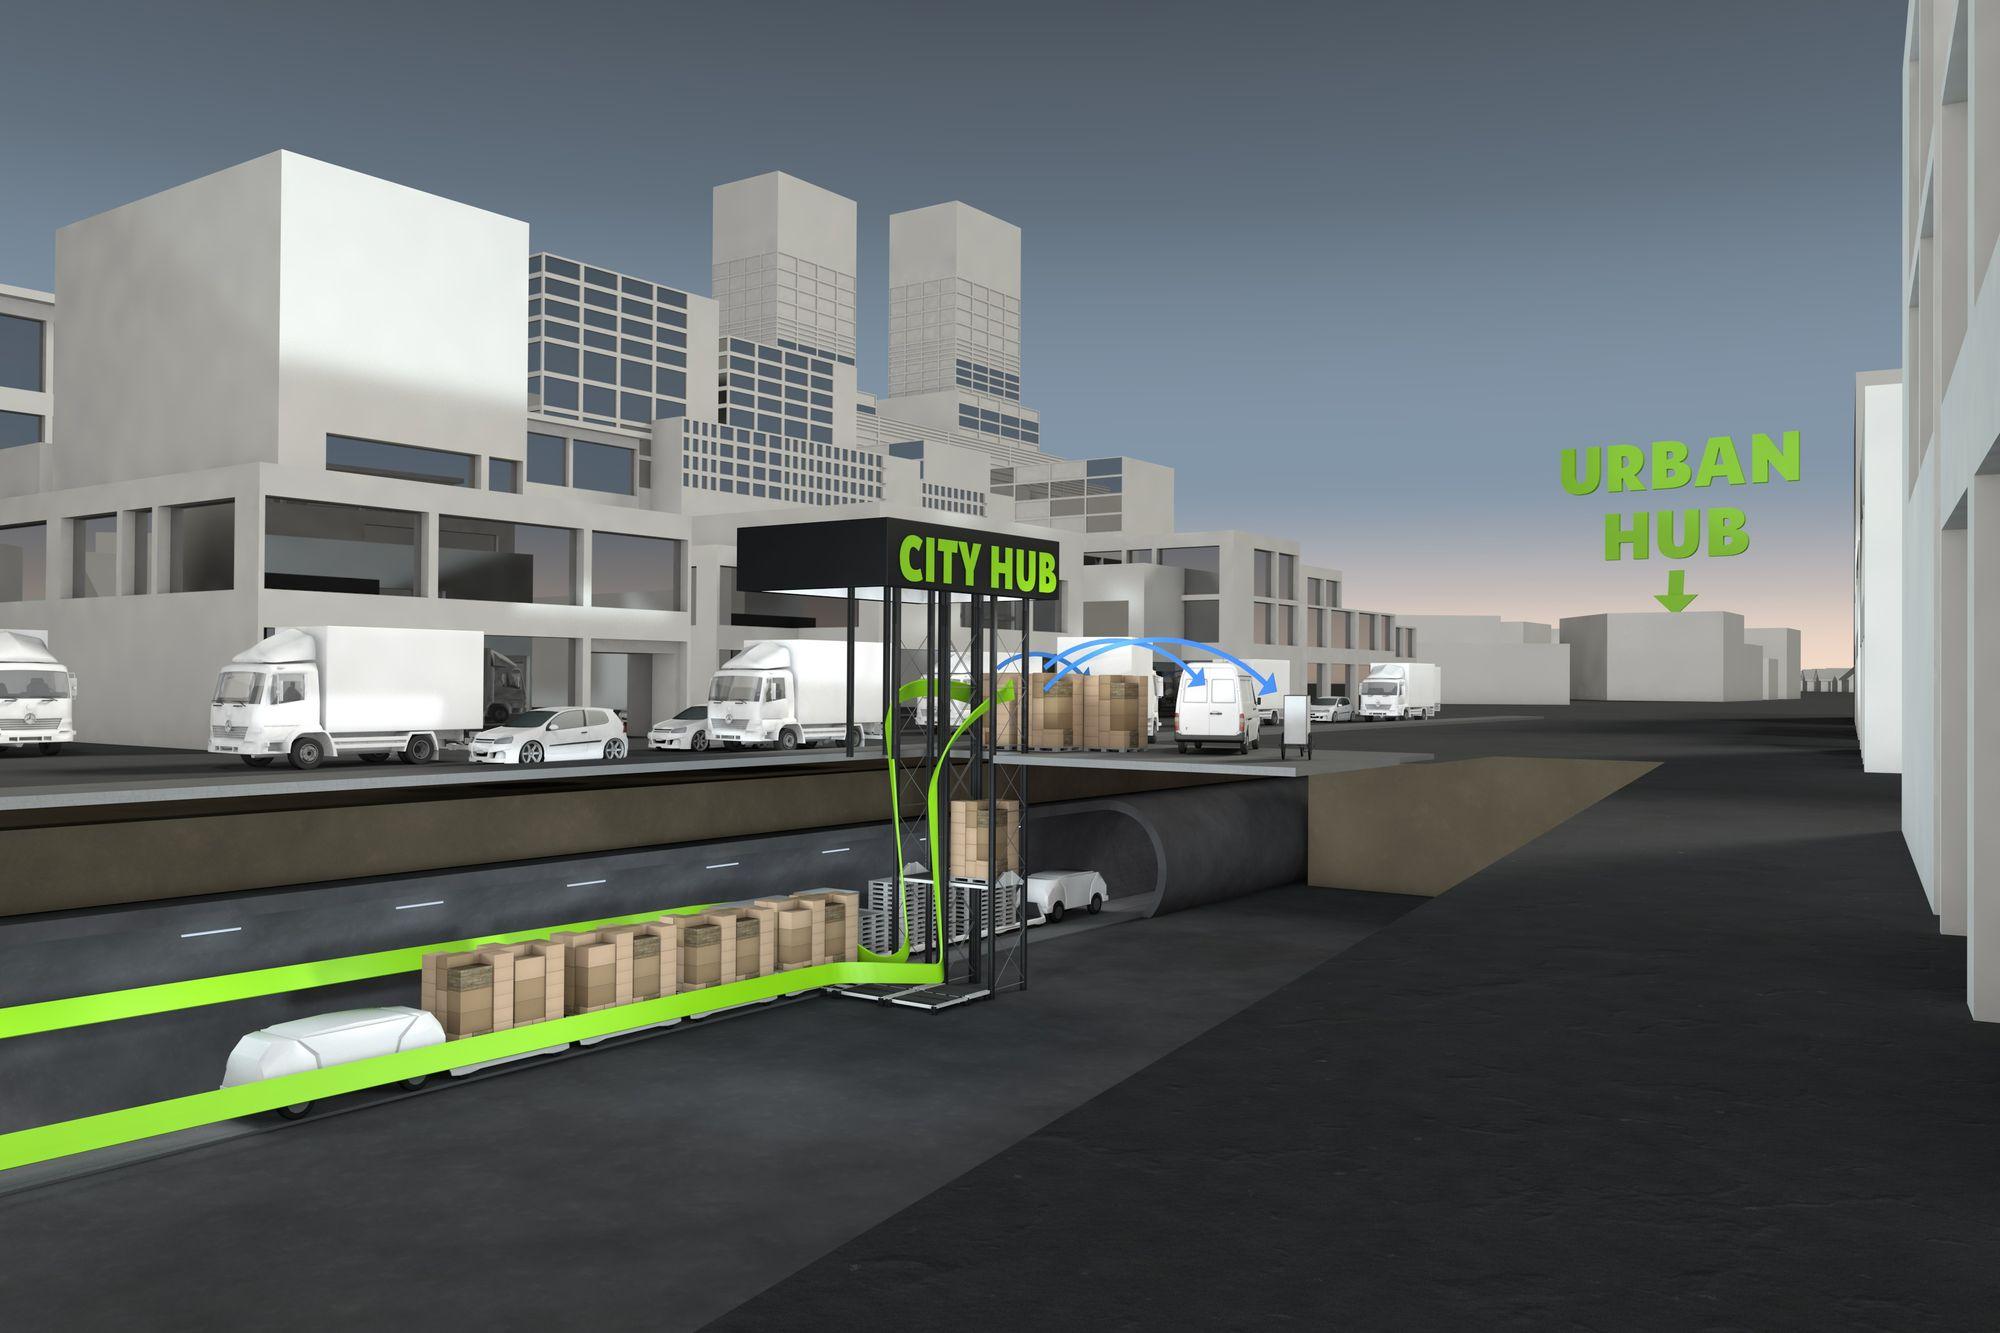 Logistik: Hamburg bekommt eine Röhre für autonome Warentransporte - In der Stadt werden die Waren auf kleine Lieferfahrzeuge wie Pedelecs umgeladen. (Bild: Smart City Loop)